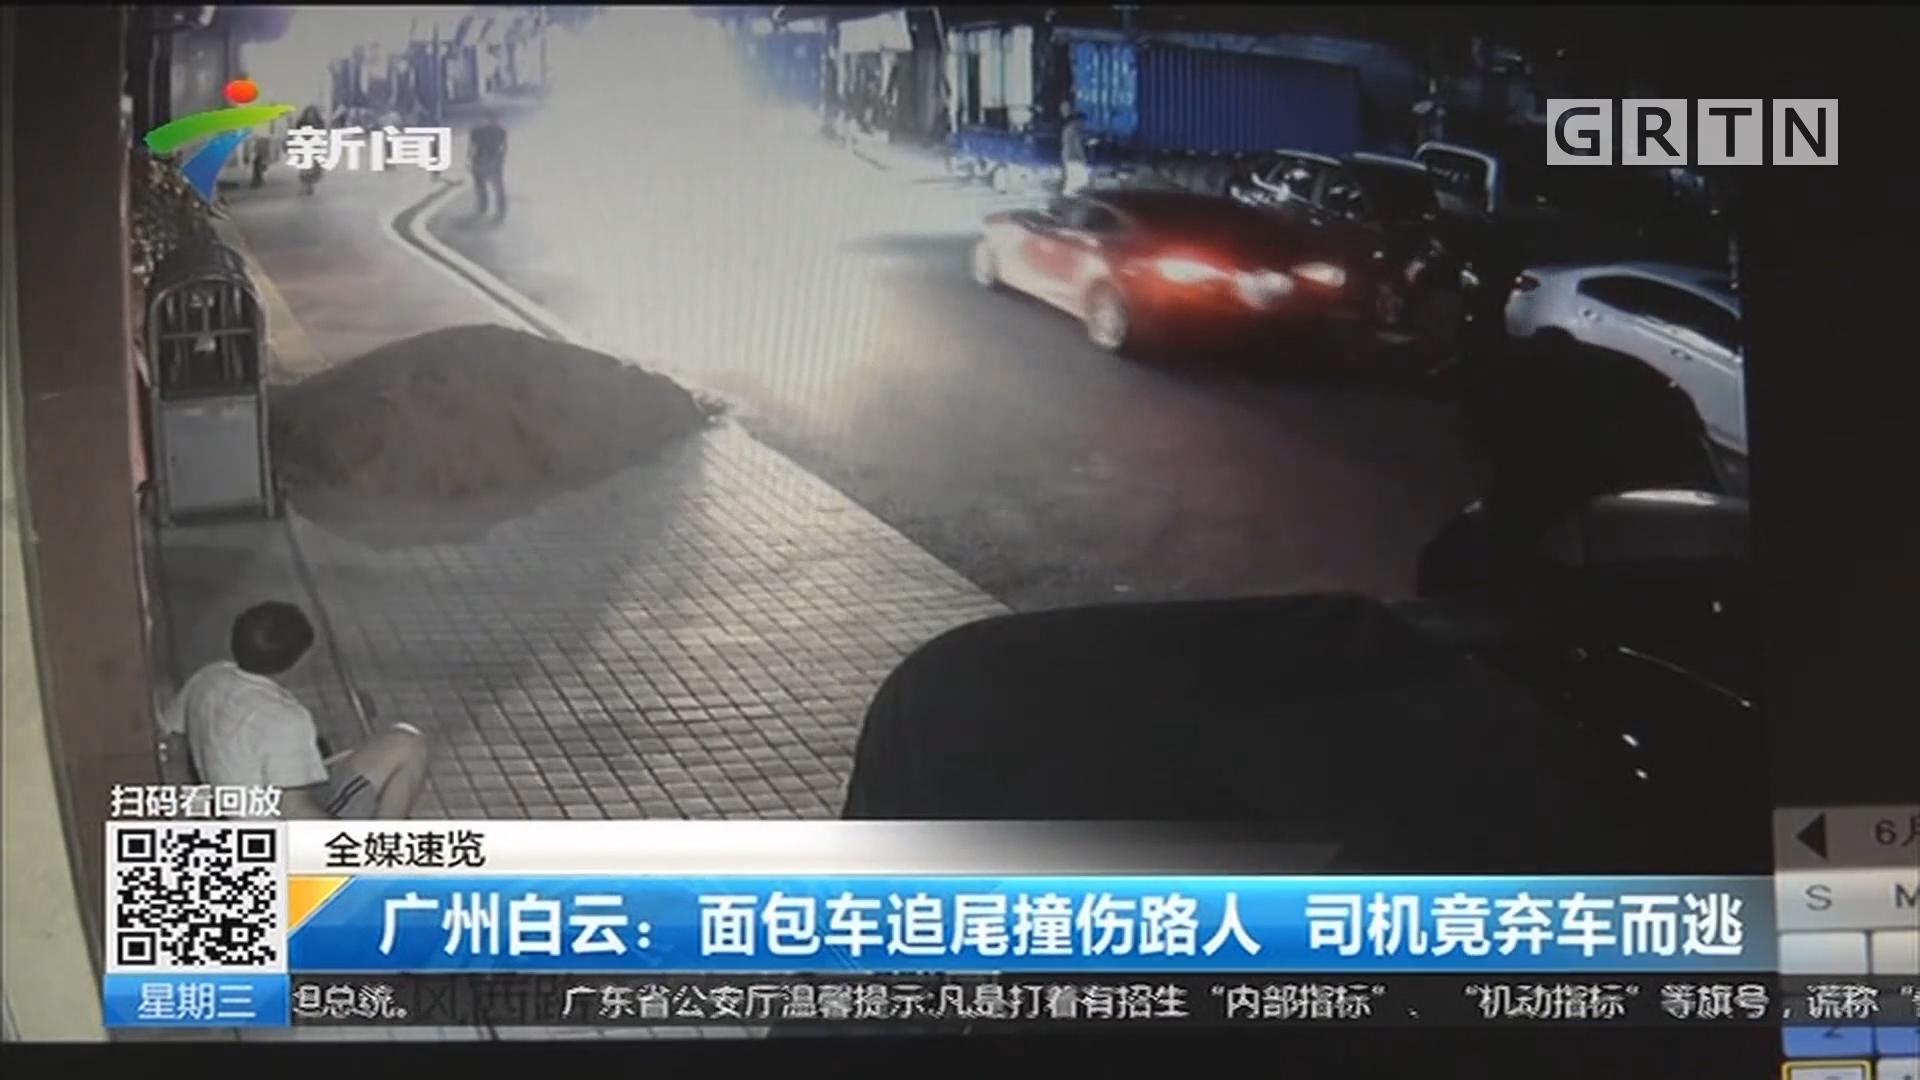 广州白云:面包车追尾撞伤路人 司机竟弃车而逃